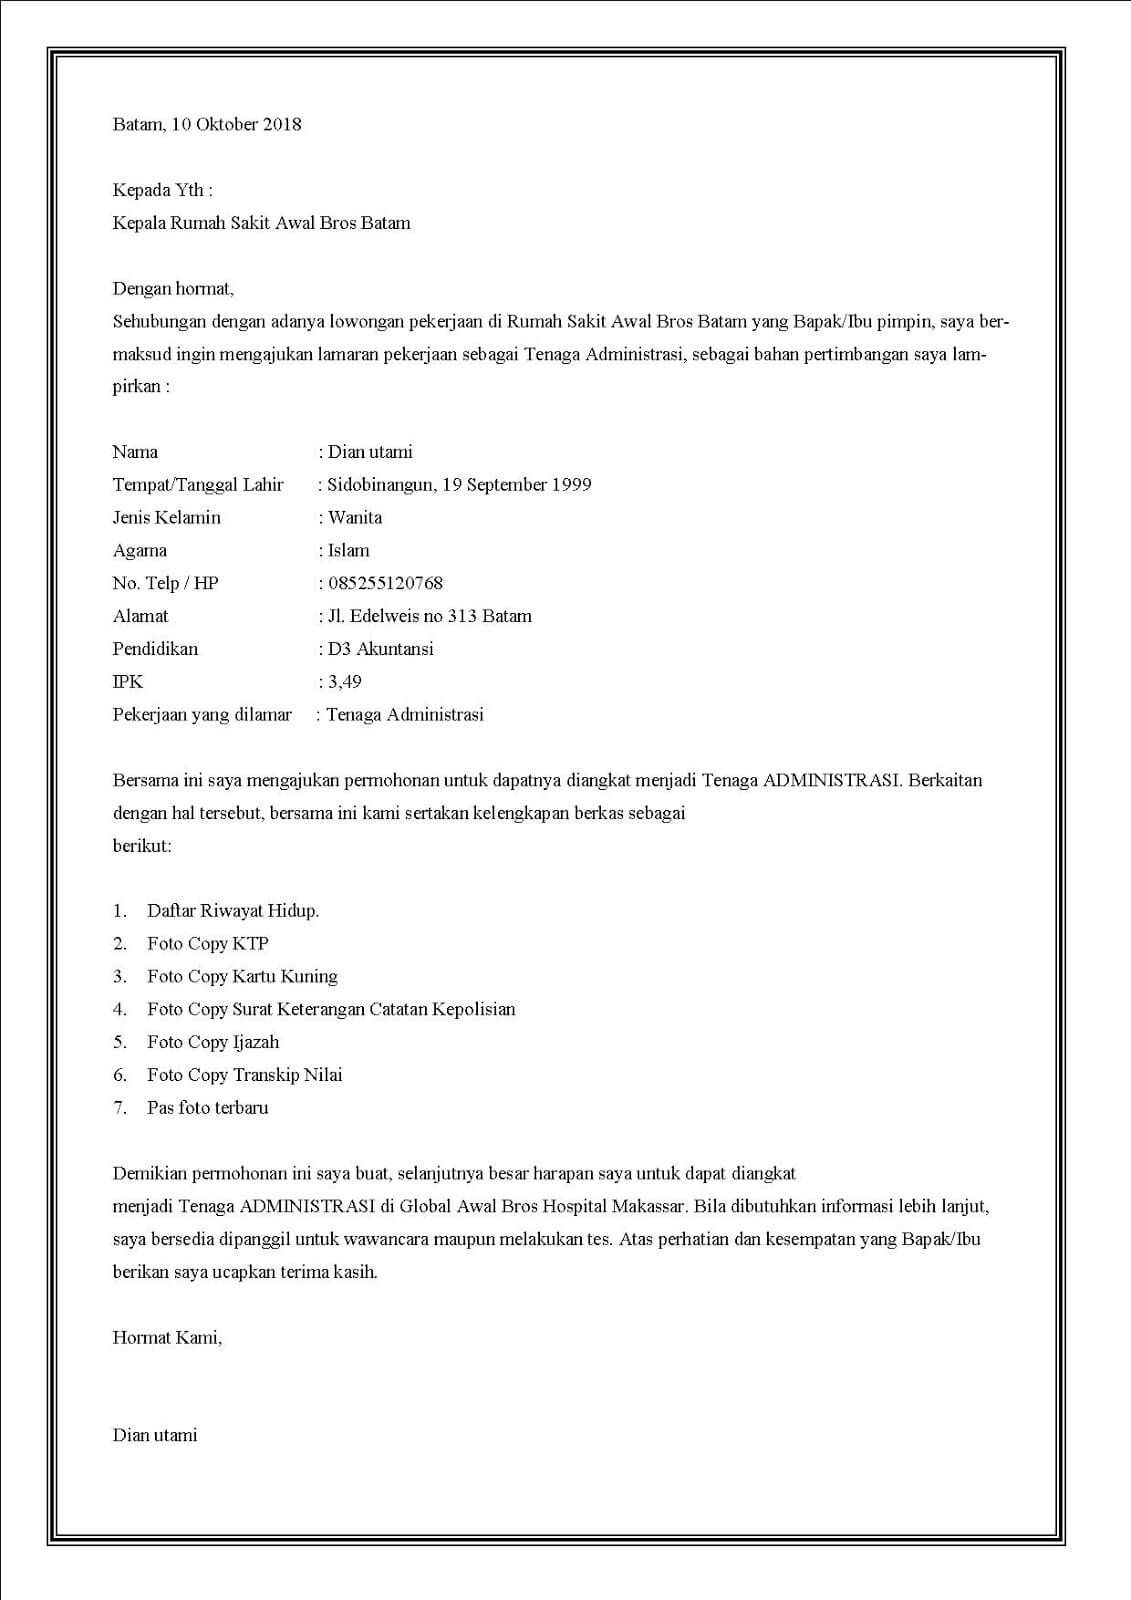 8 Contoh Surat Lamaran Kerja Di Rumah Sakit Paling Lengkap Penyakit Surat Apoteker